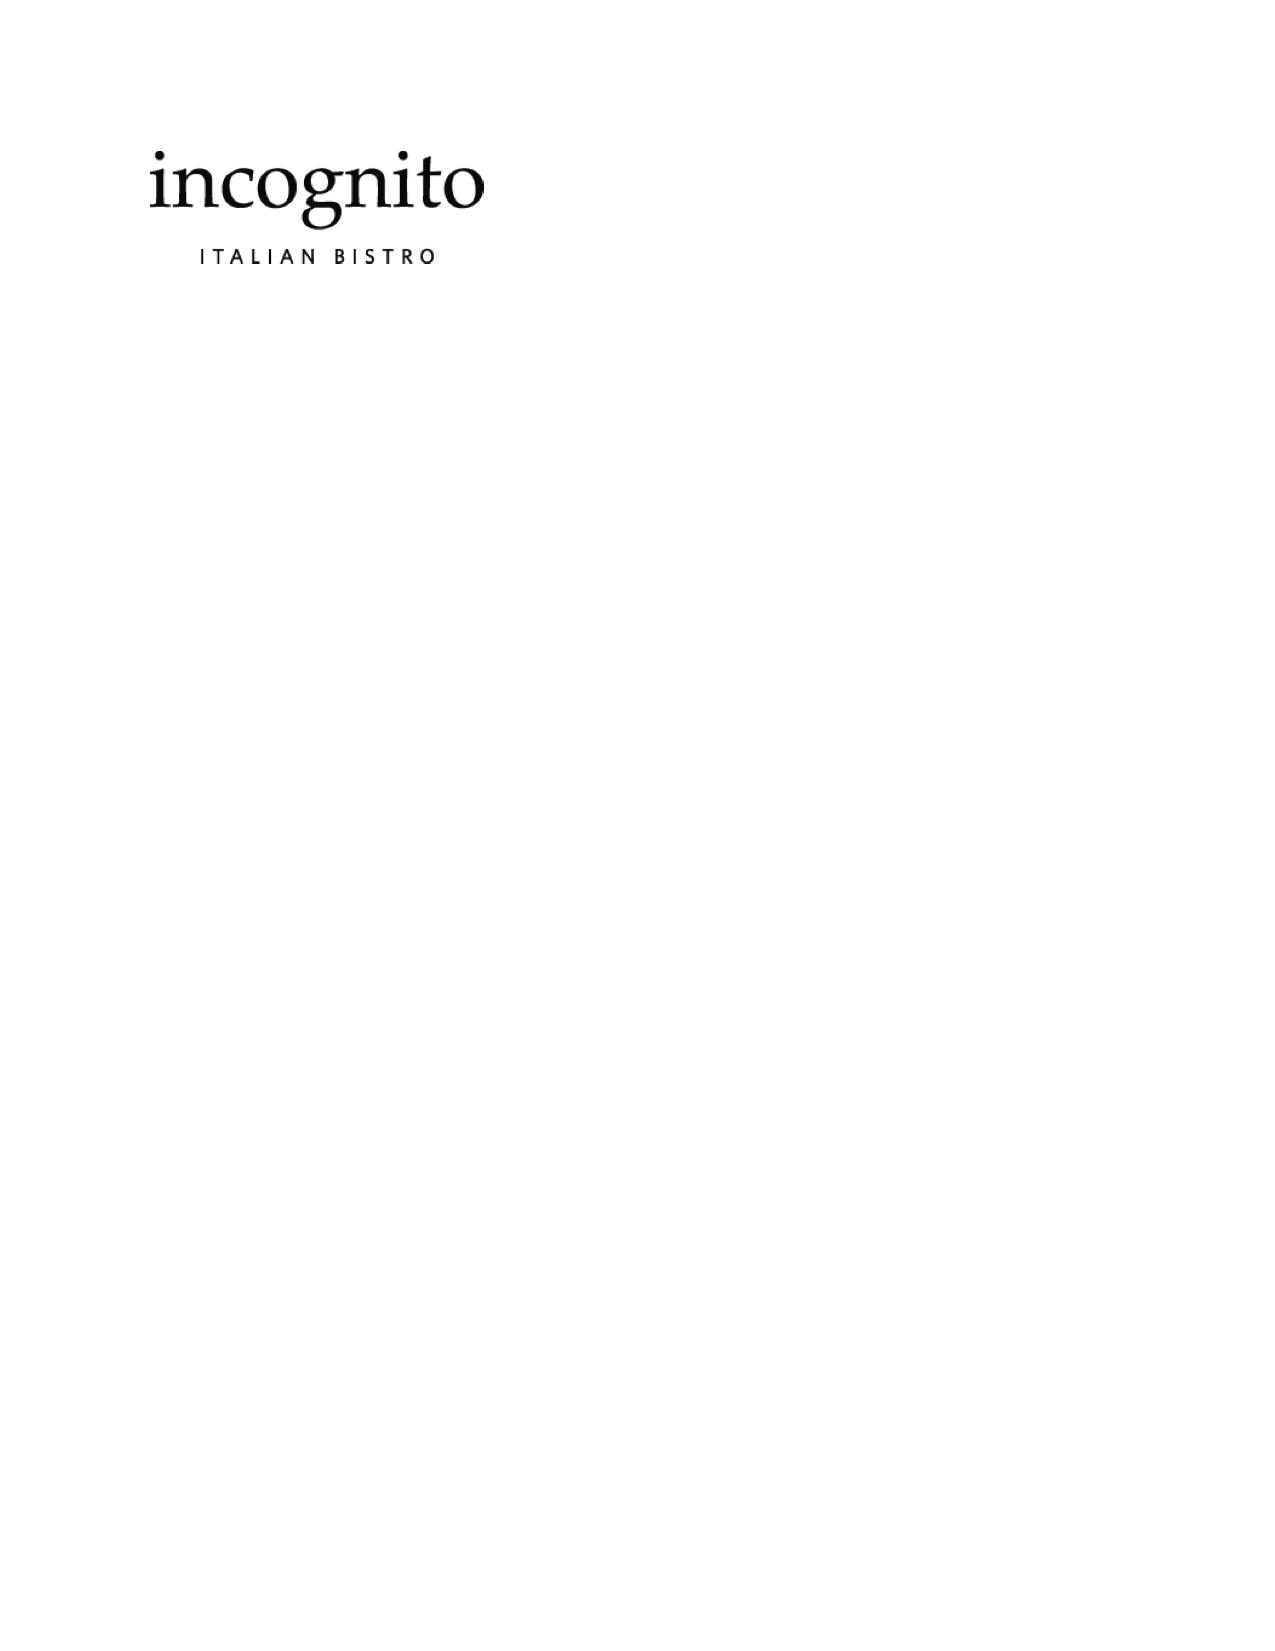 Incognito Bistro